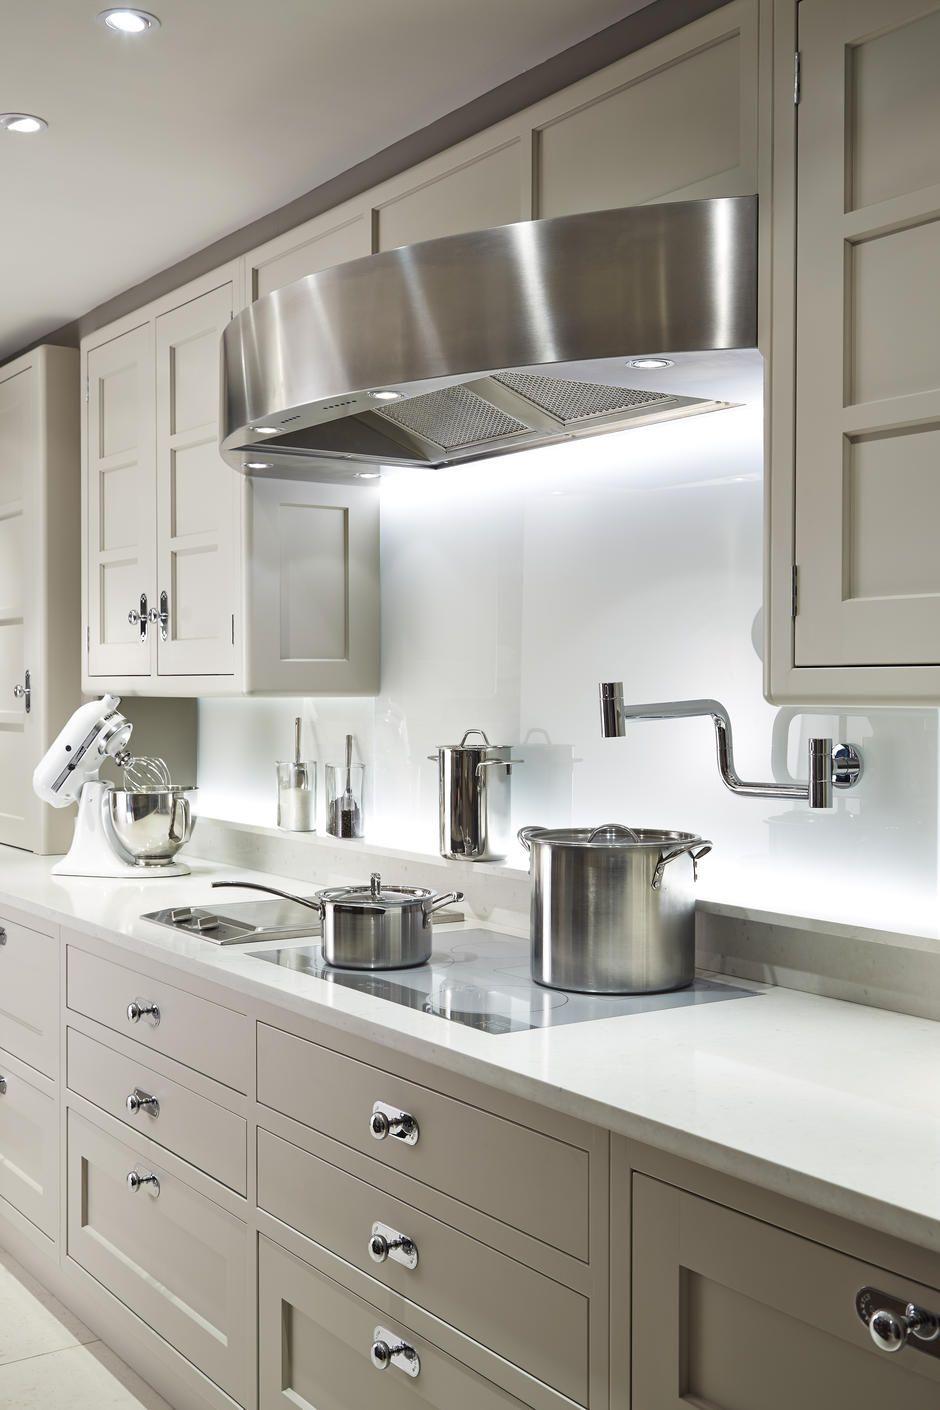 Martin Moore - Modernist Kitchen 4 | Kitchens | Pinterest | Kitchens ...